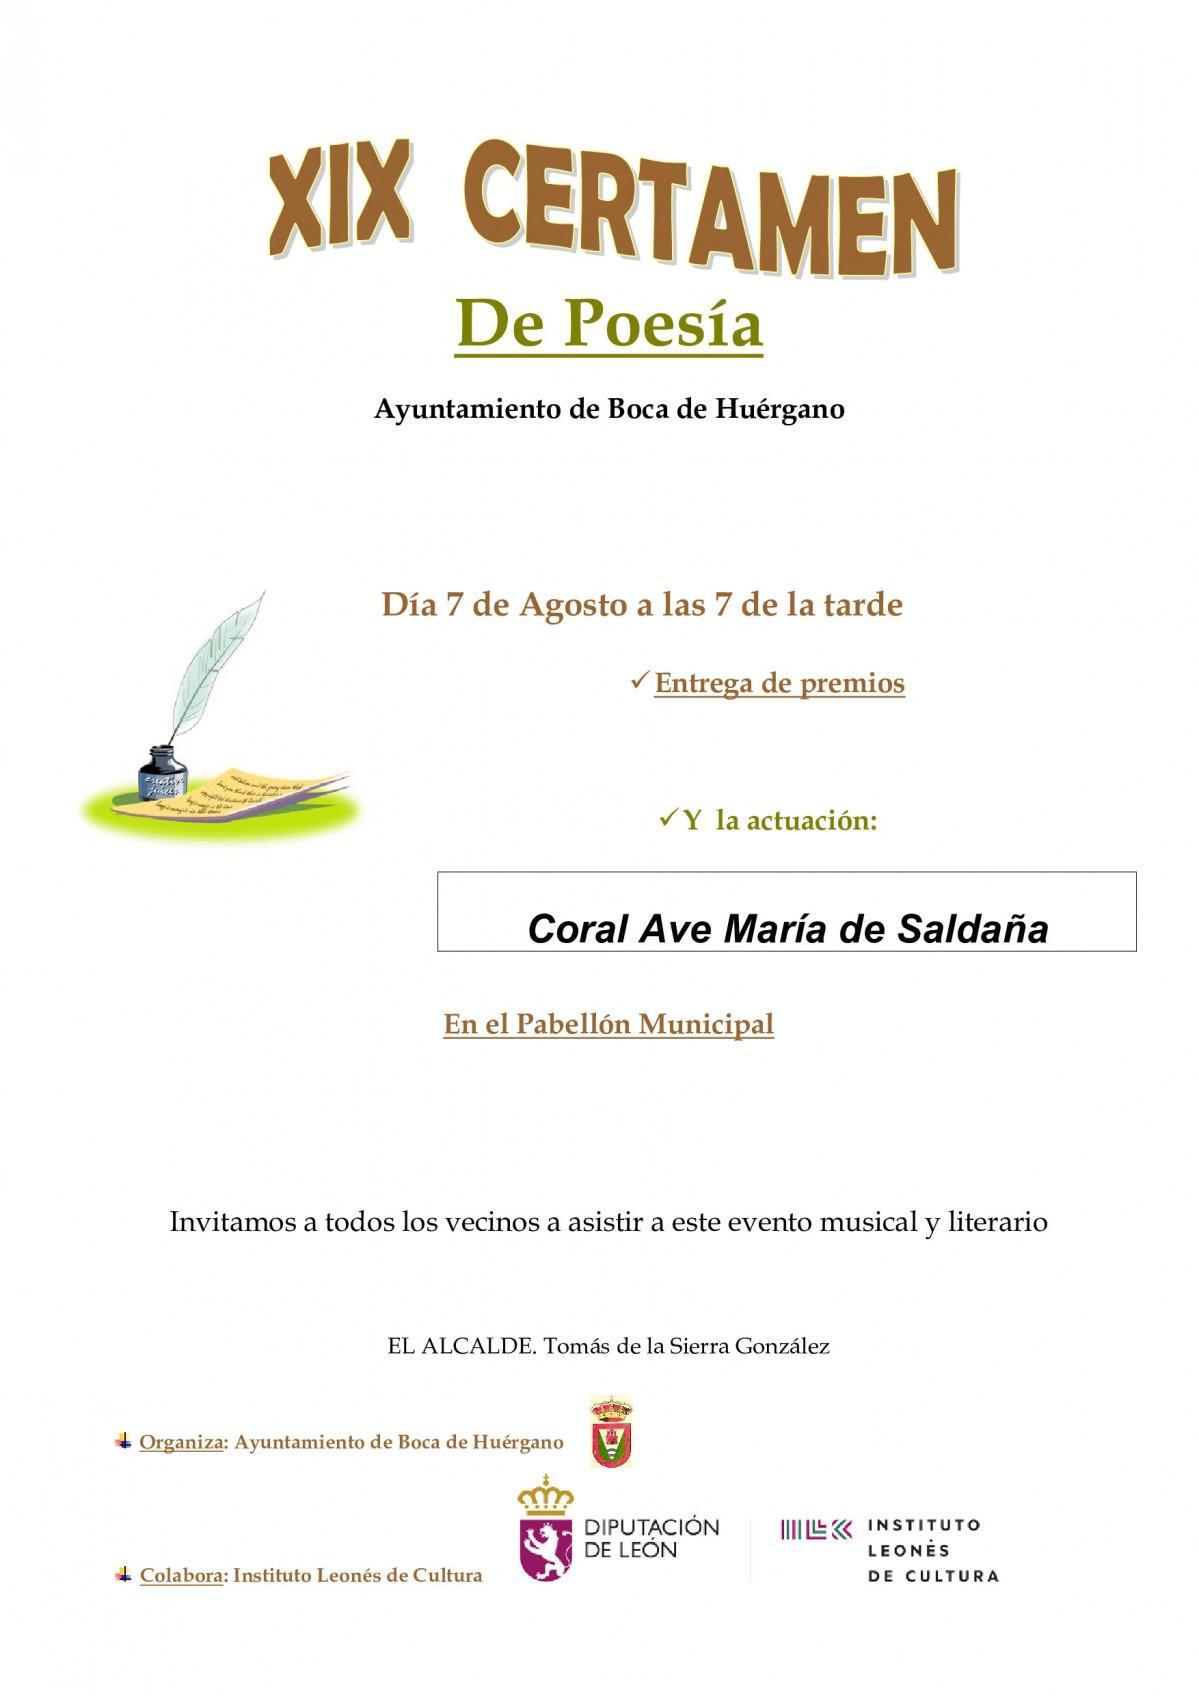 XIX Certamen de Poesía0